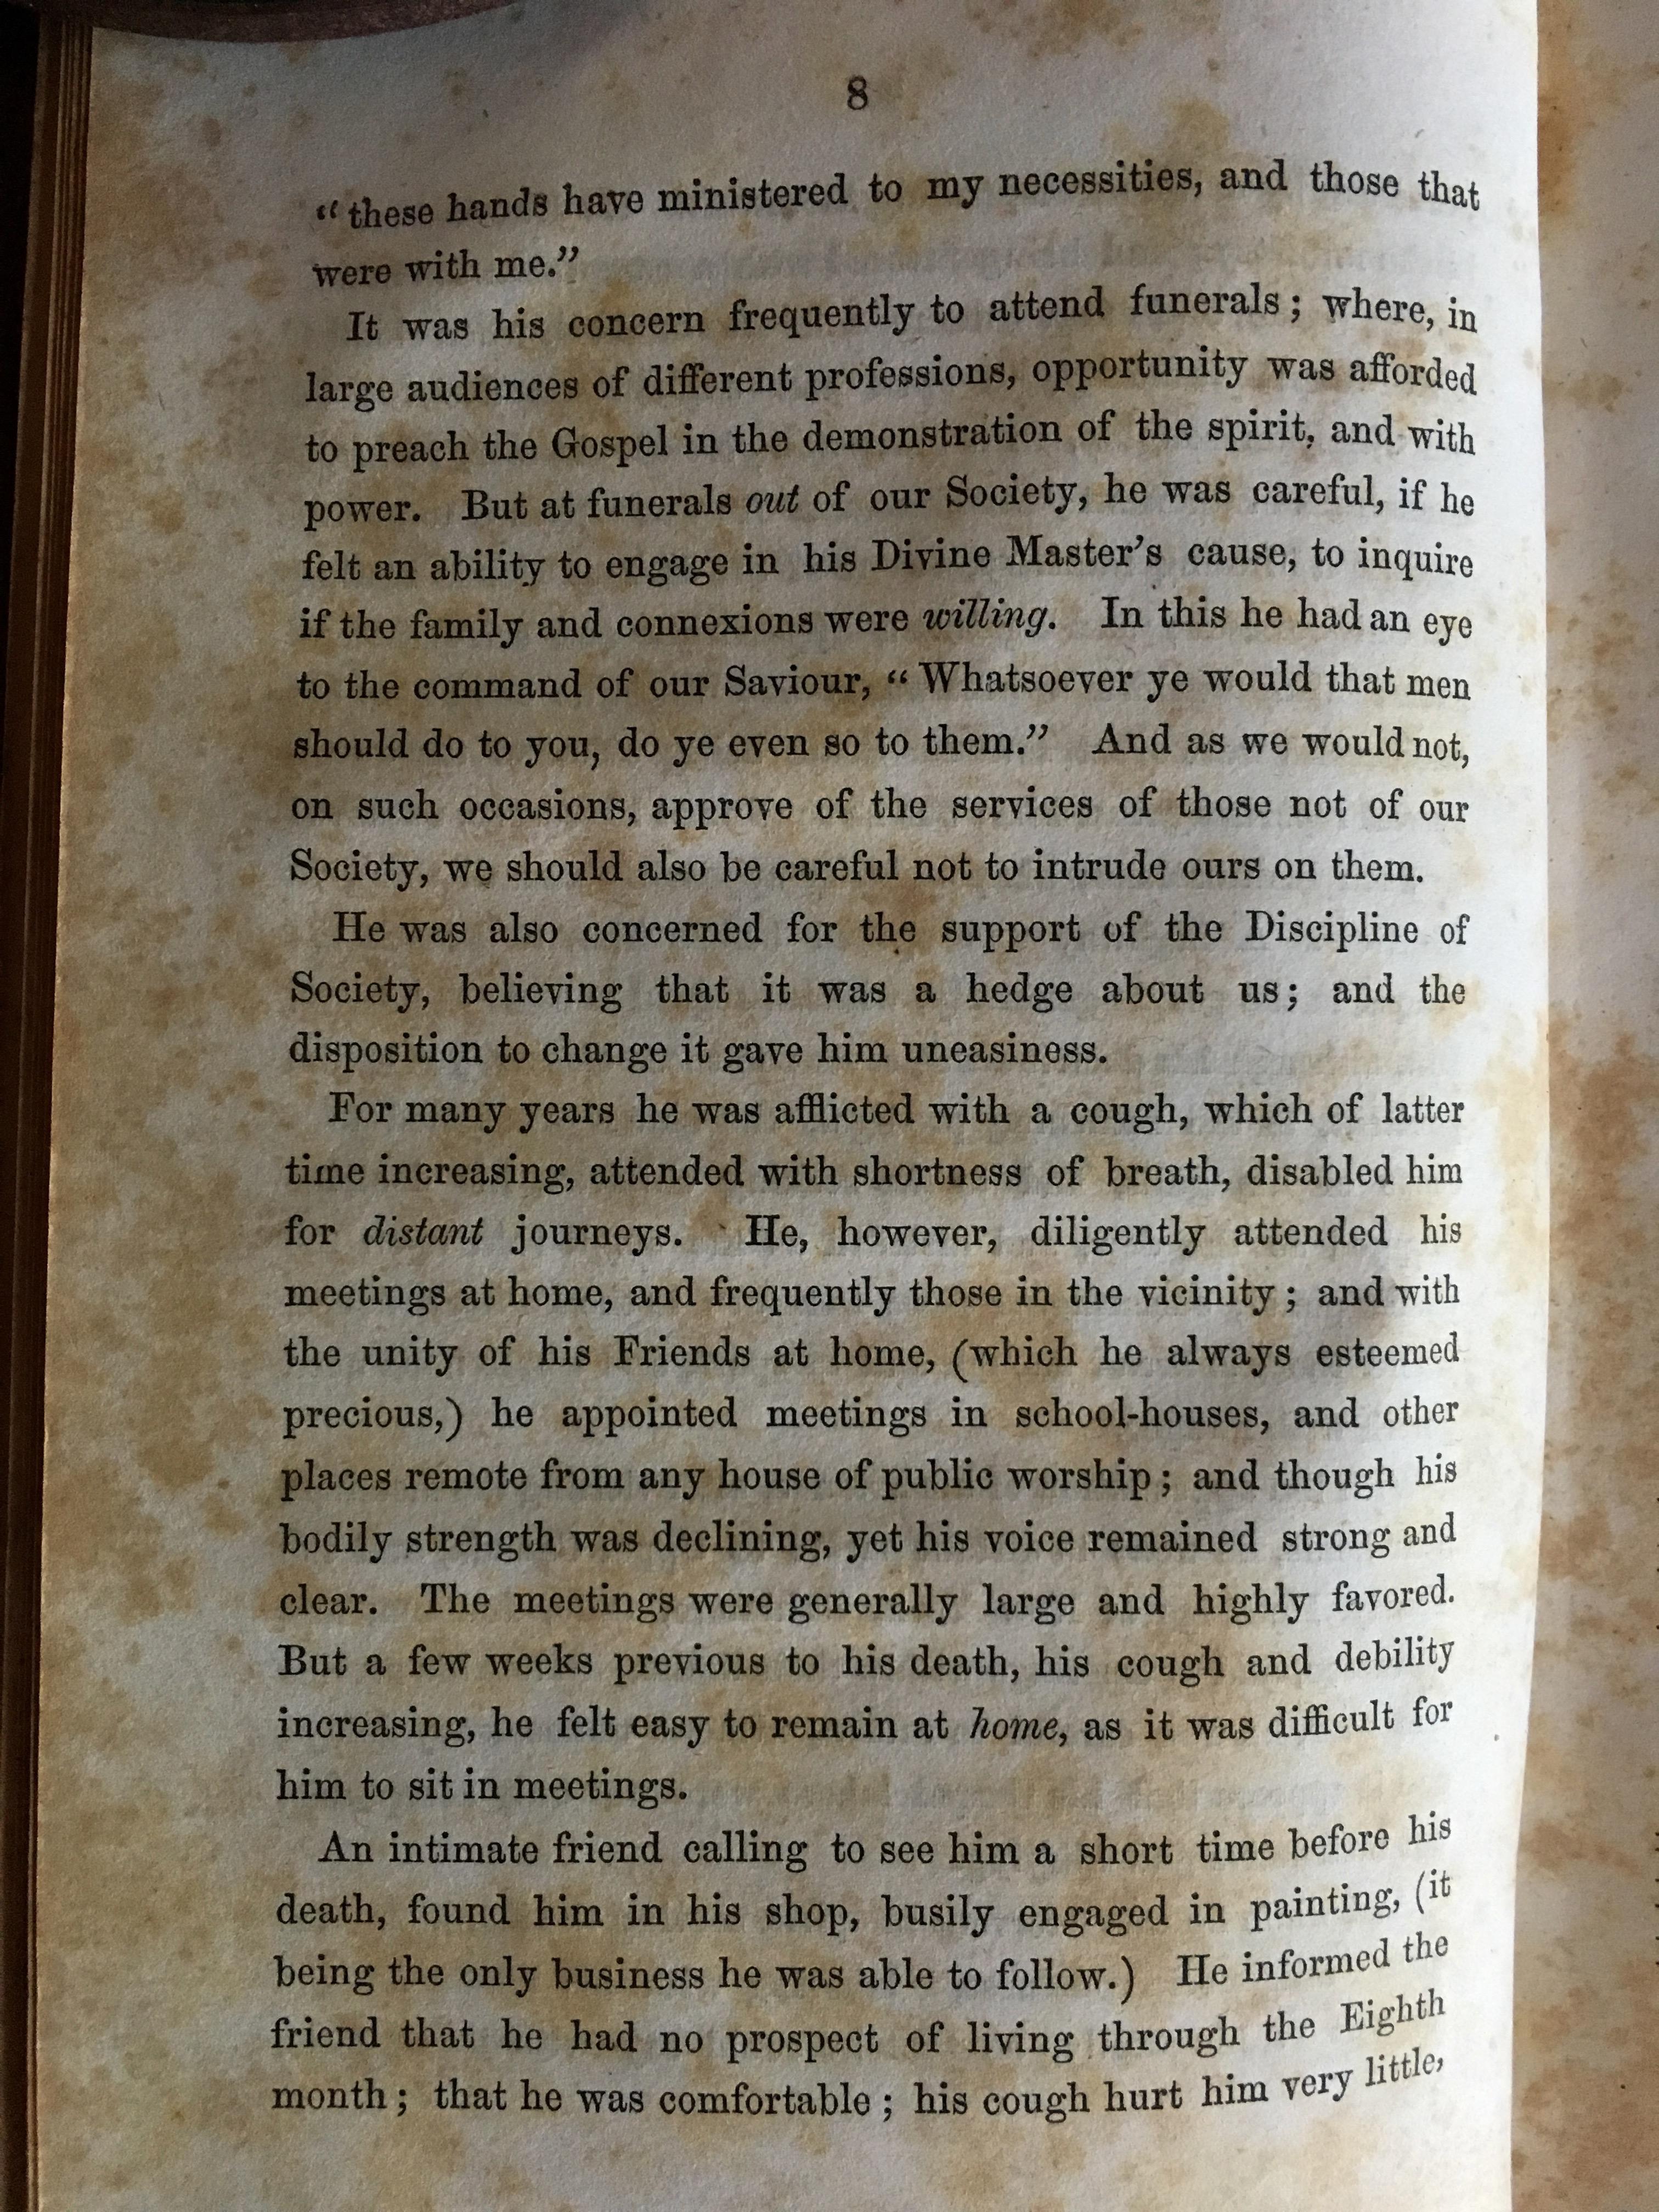 Memorial pg 8